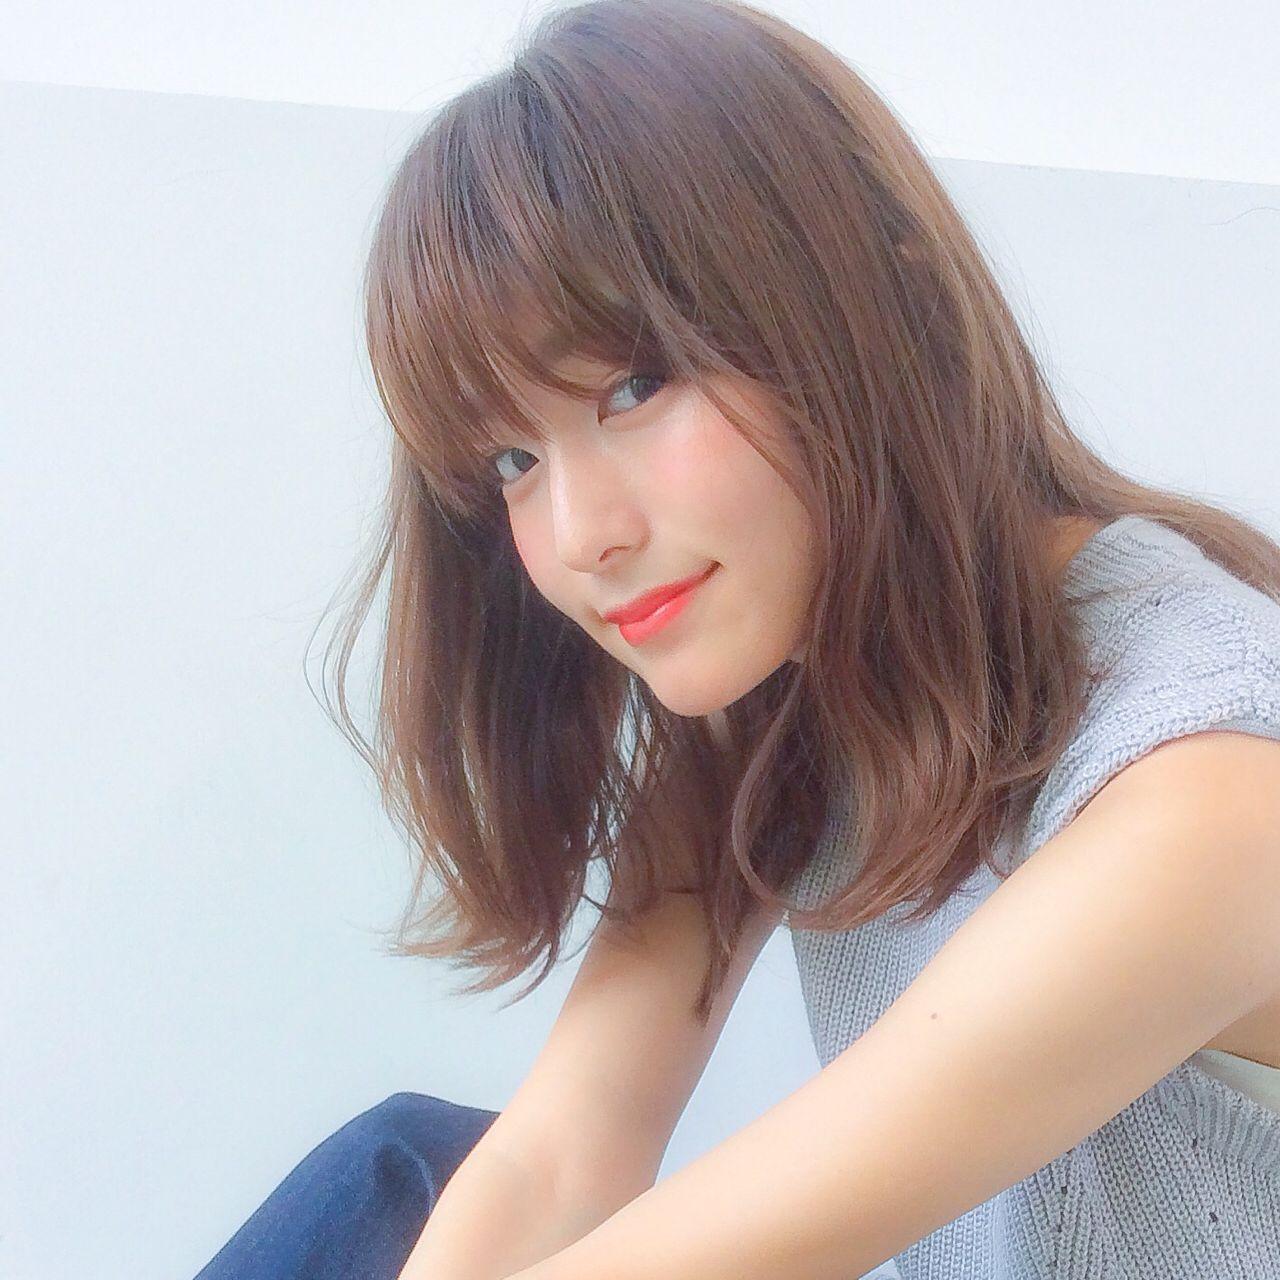 ザクザクがおしゃれ♡「シースルーバング」「ザクザクバング」でサクッとイメチェン☆ 細田真吾